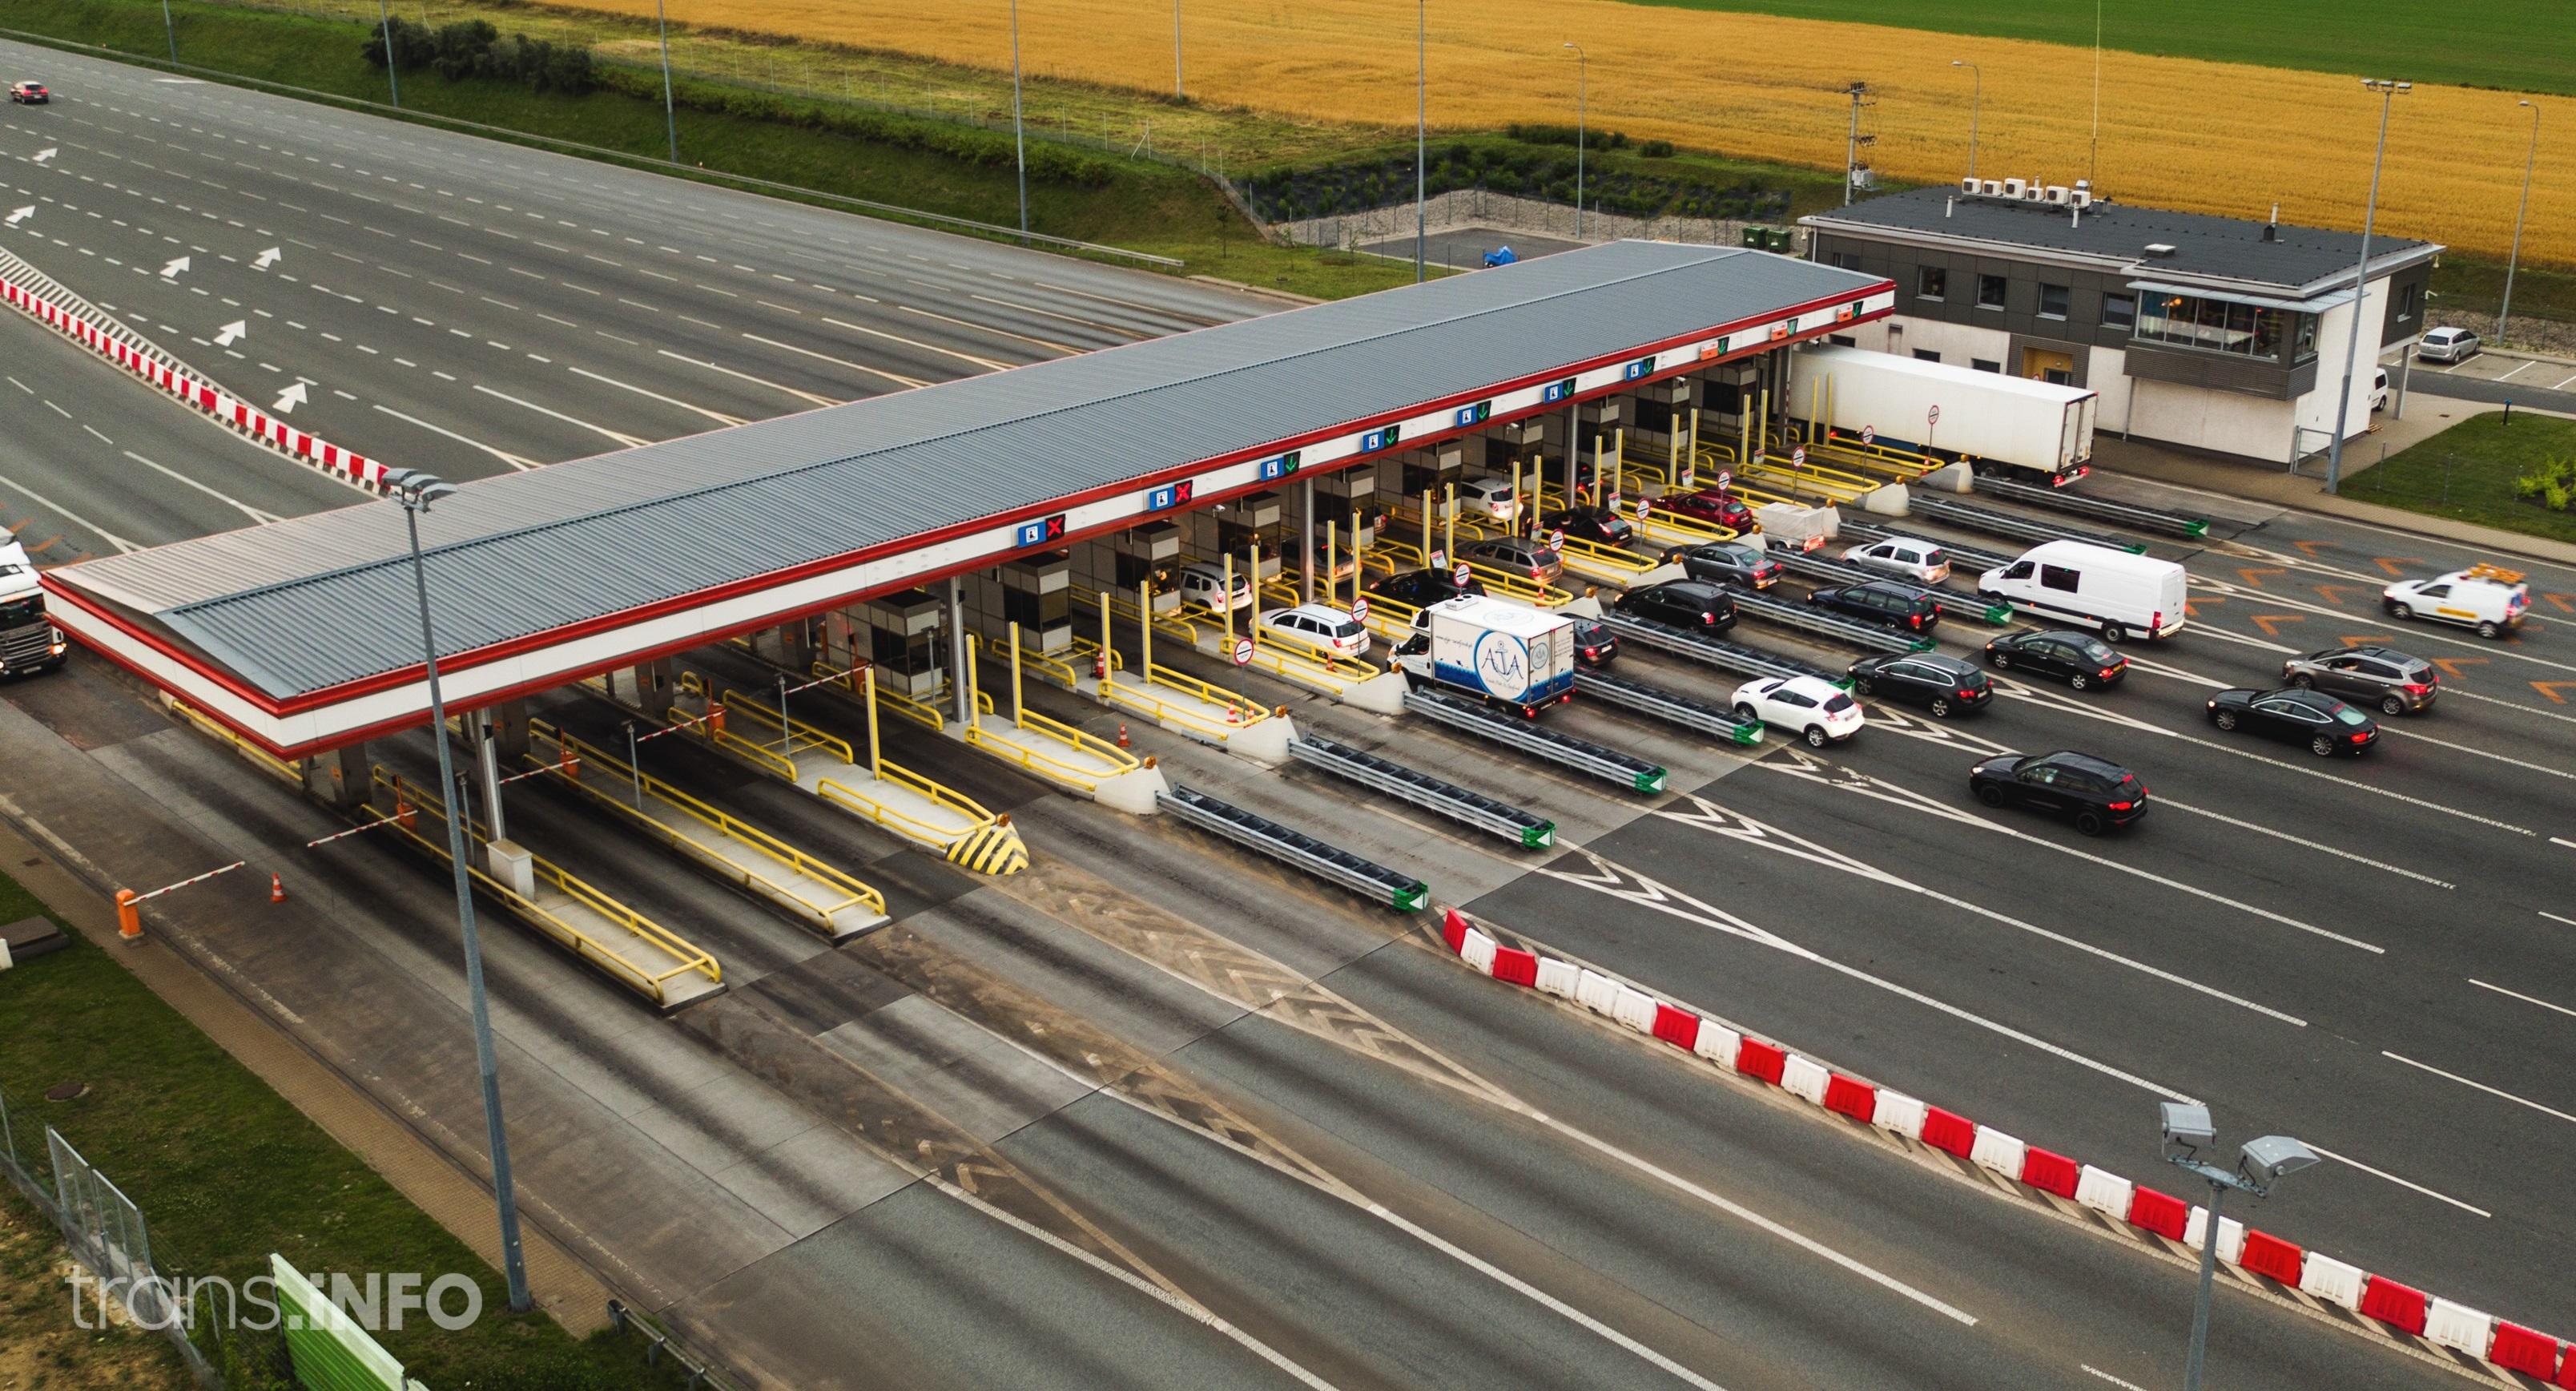 Od dziś zmiany związane z poborem opłat drogowych. Co nowego dla przewoźników?